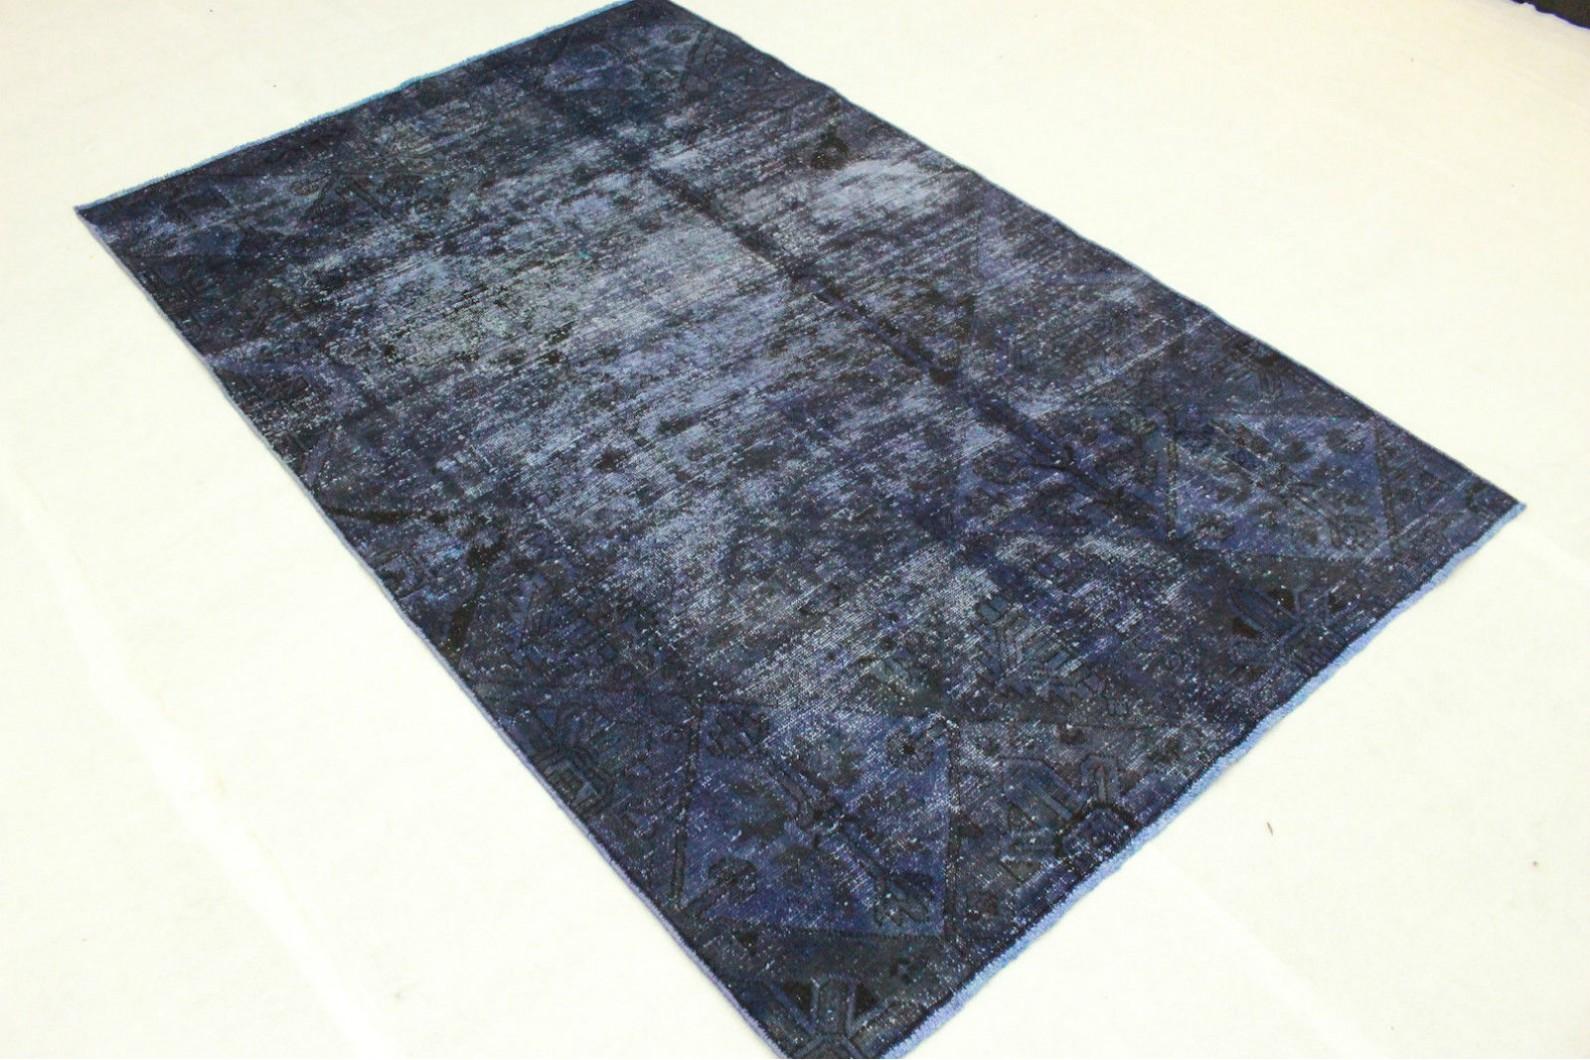 Vintage Teppich Lila in 260x170cm (1001-3297) bei carpetido.de kaufen